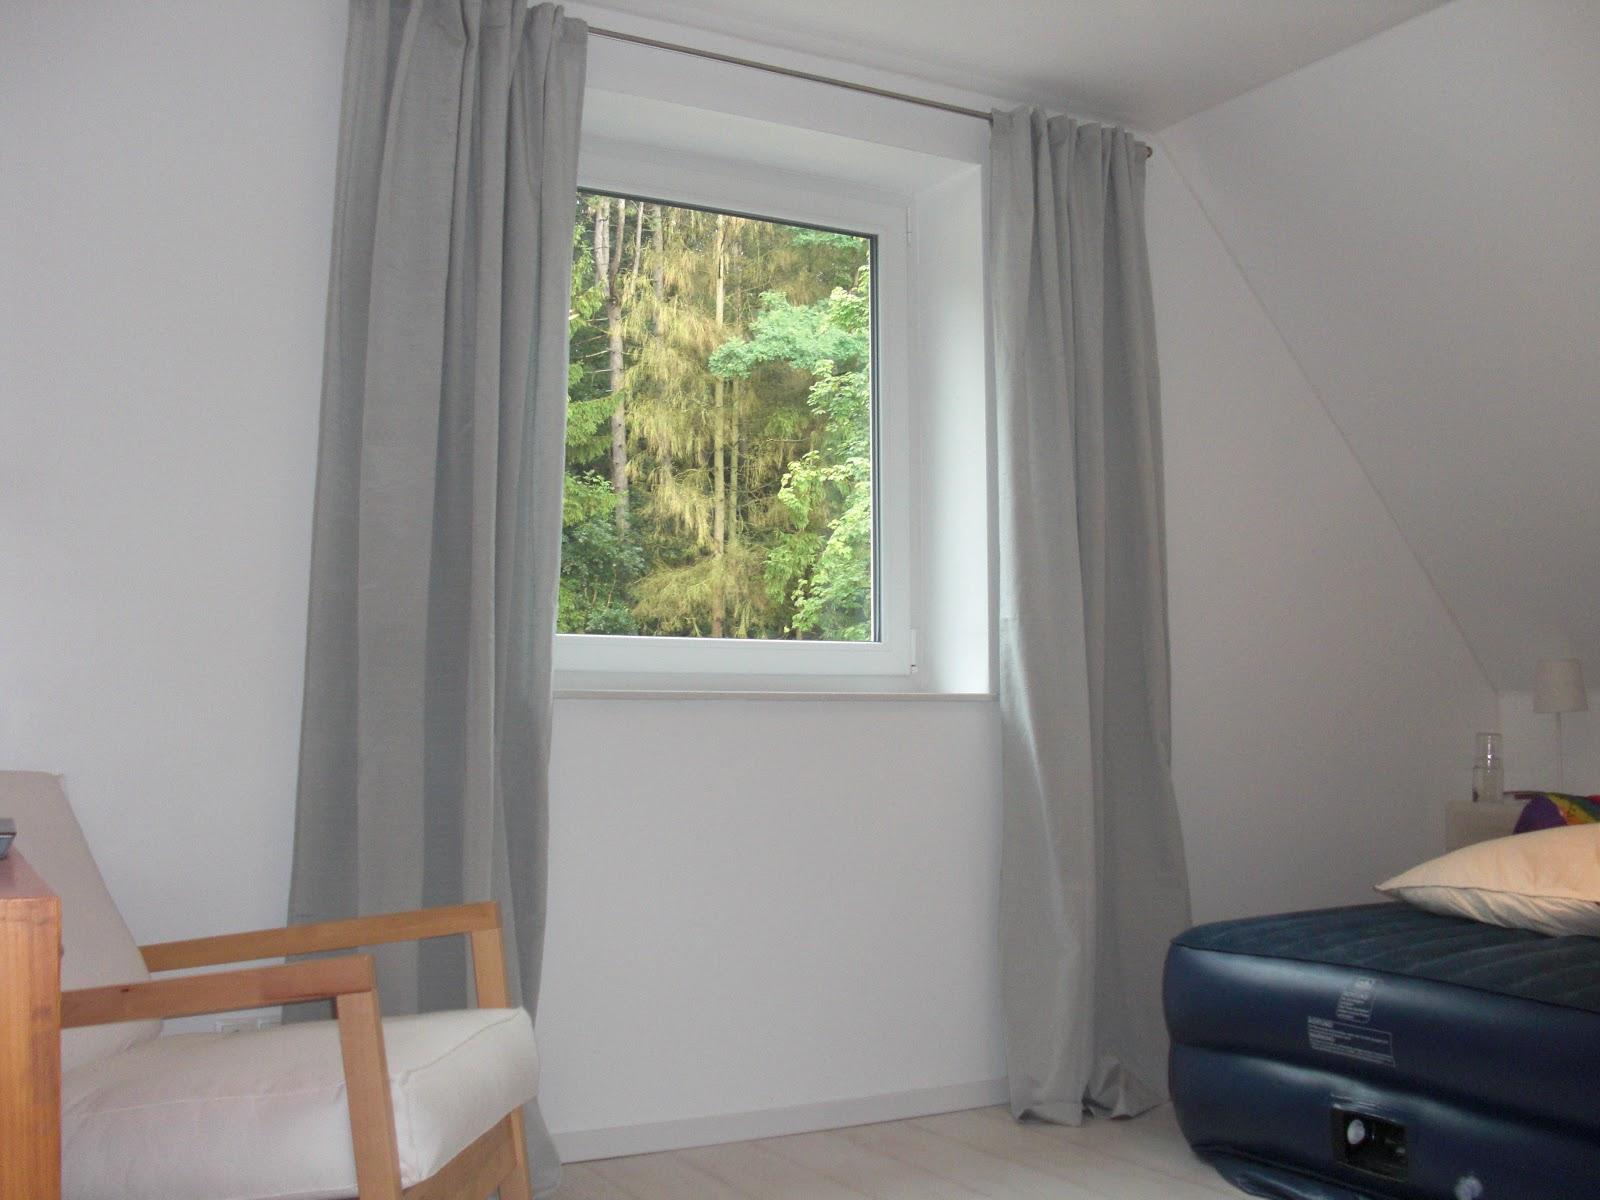 heim elich g stezimmer vorh nge lampe. Black Bedroom Furniture Sets. Home Design Ideas